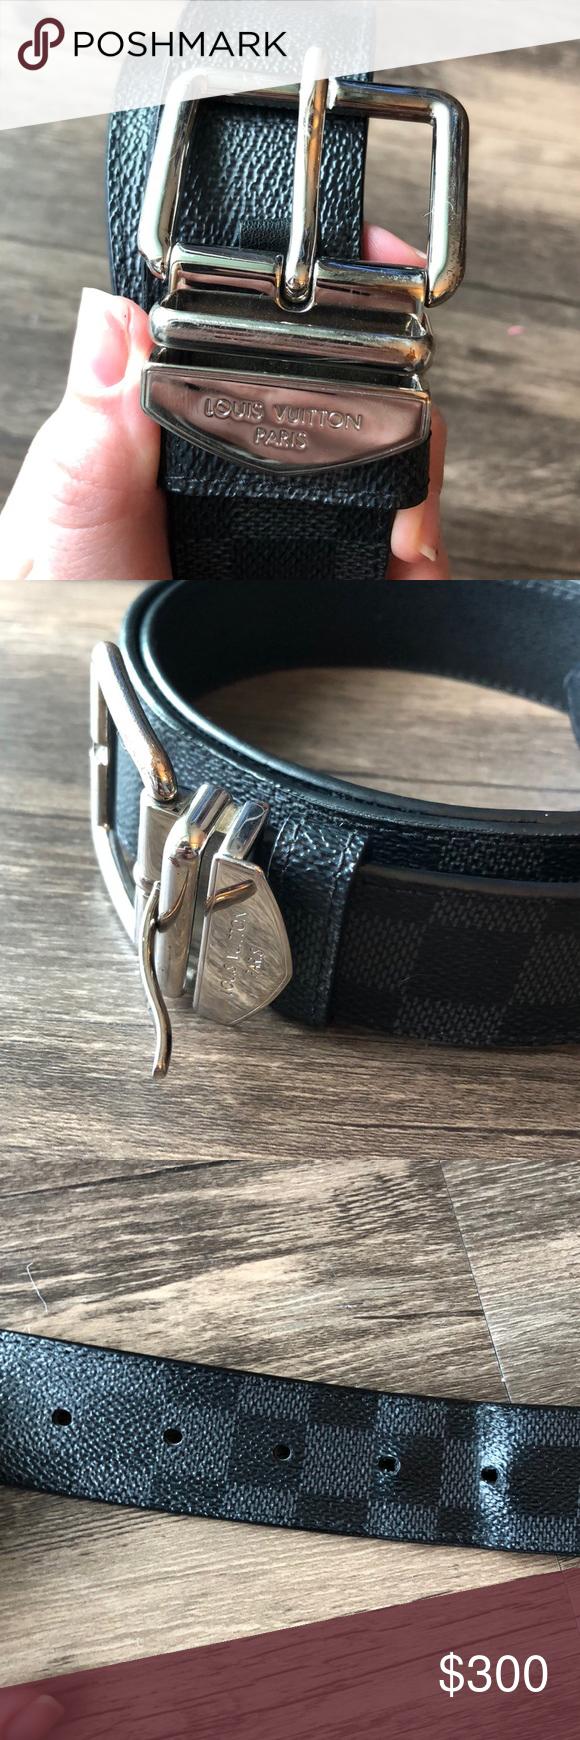 Authentic Louis Vuitton Damier Print 40mm Belt | Authentic ...